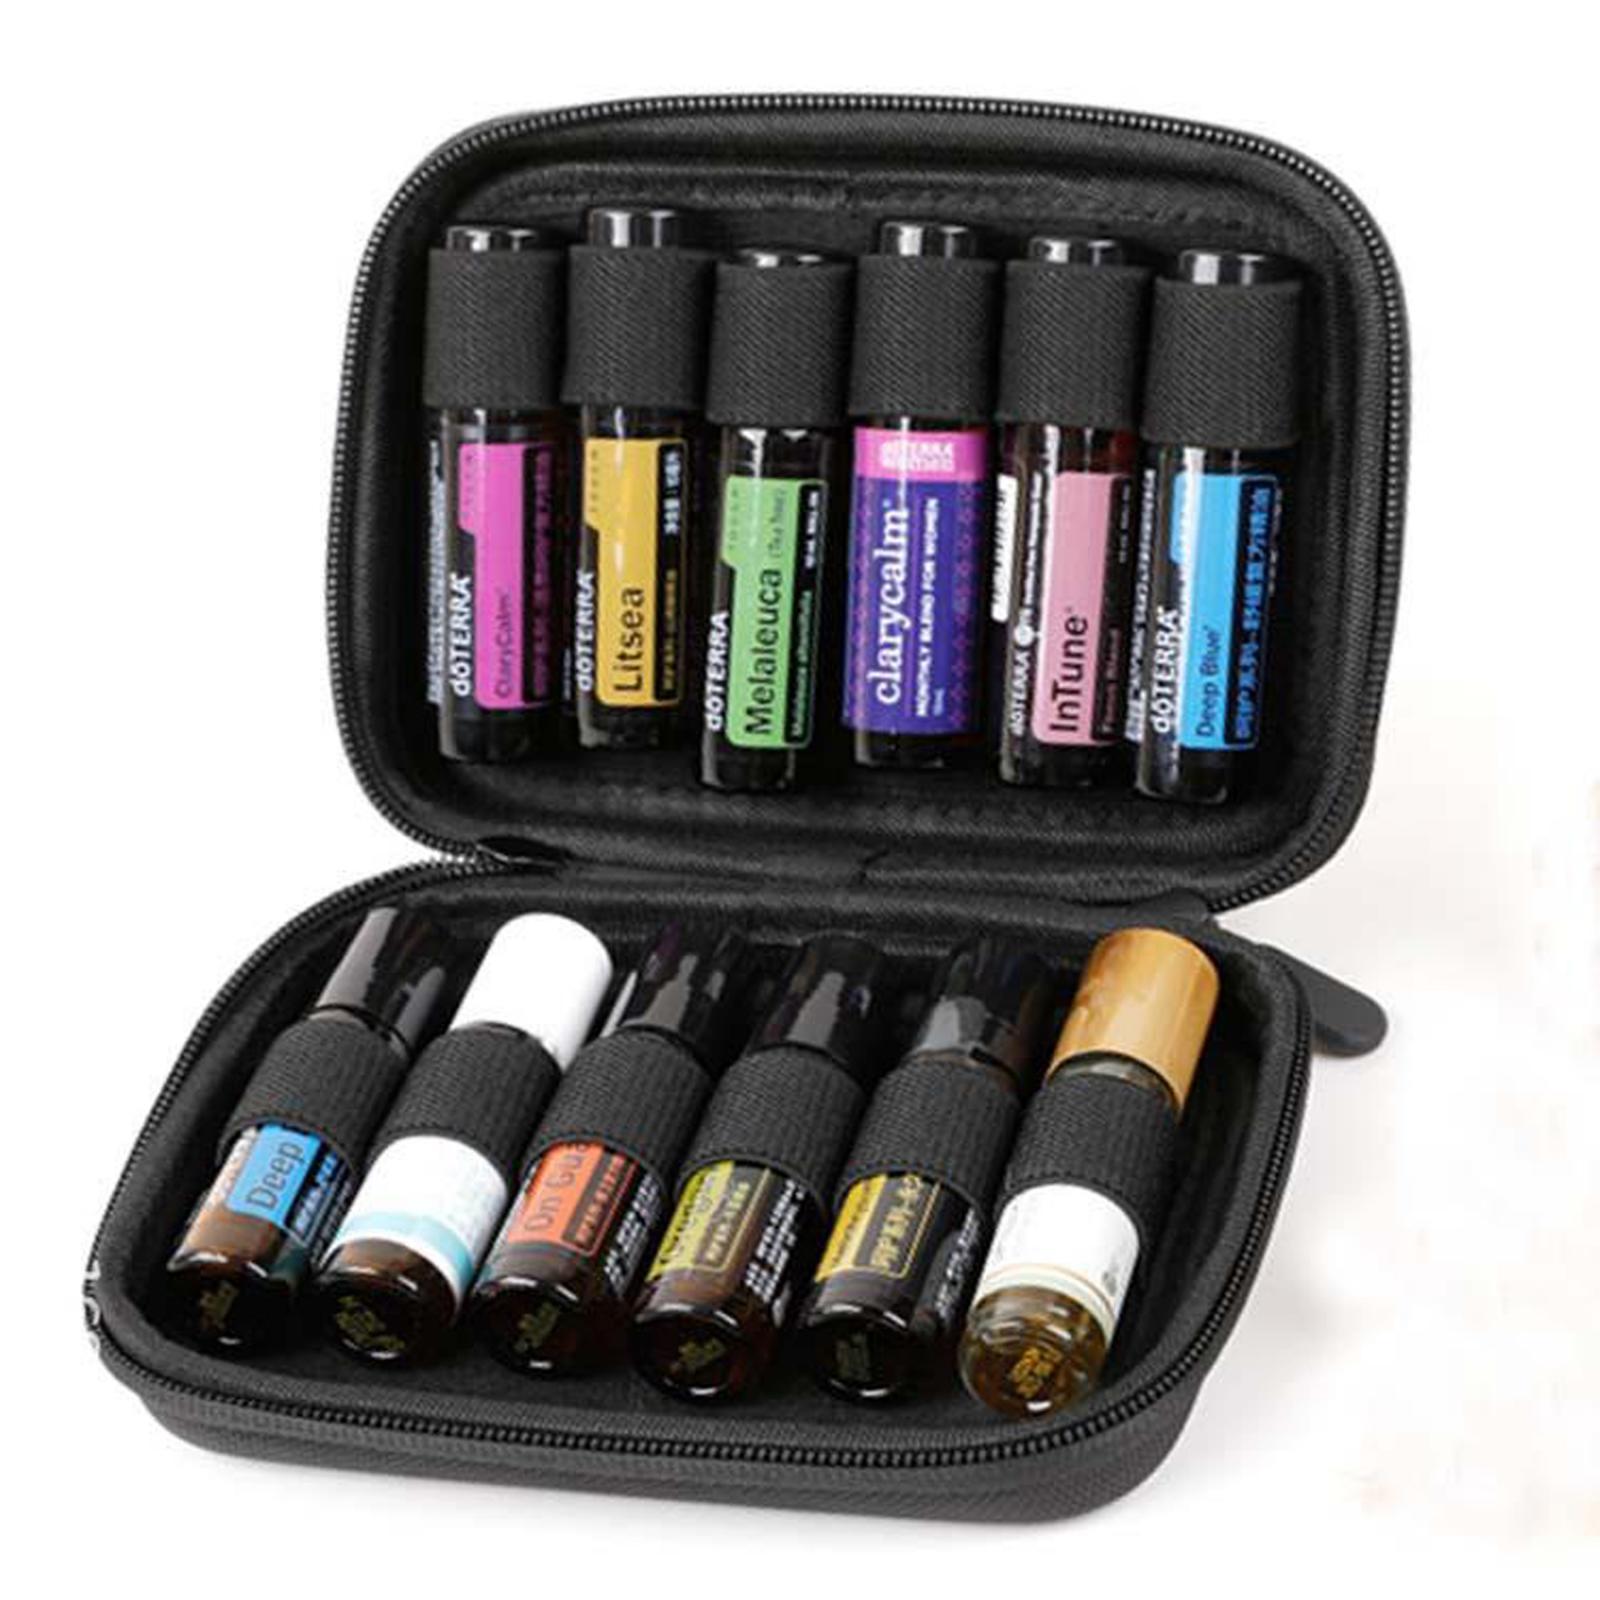 Sacchetto-di-olio-essenziale-custodia-da-viaggio-per-aromaterapia-da-10ml-per-12 miniatura 52